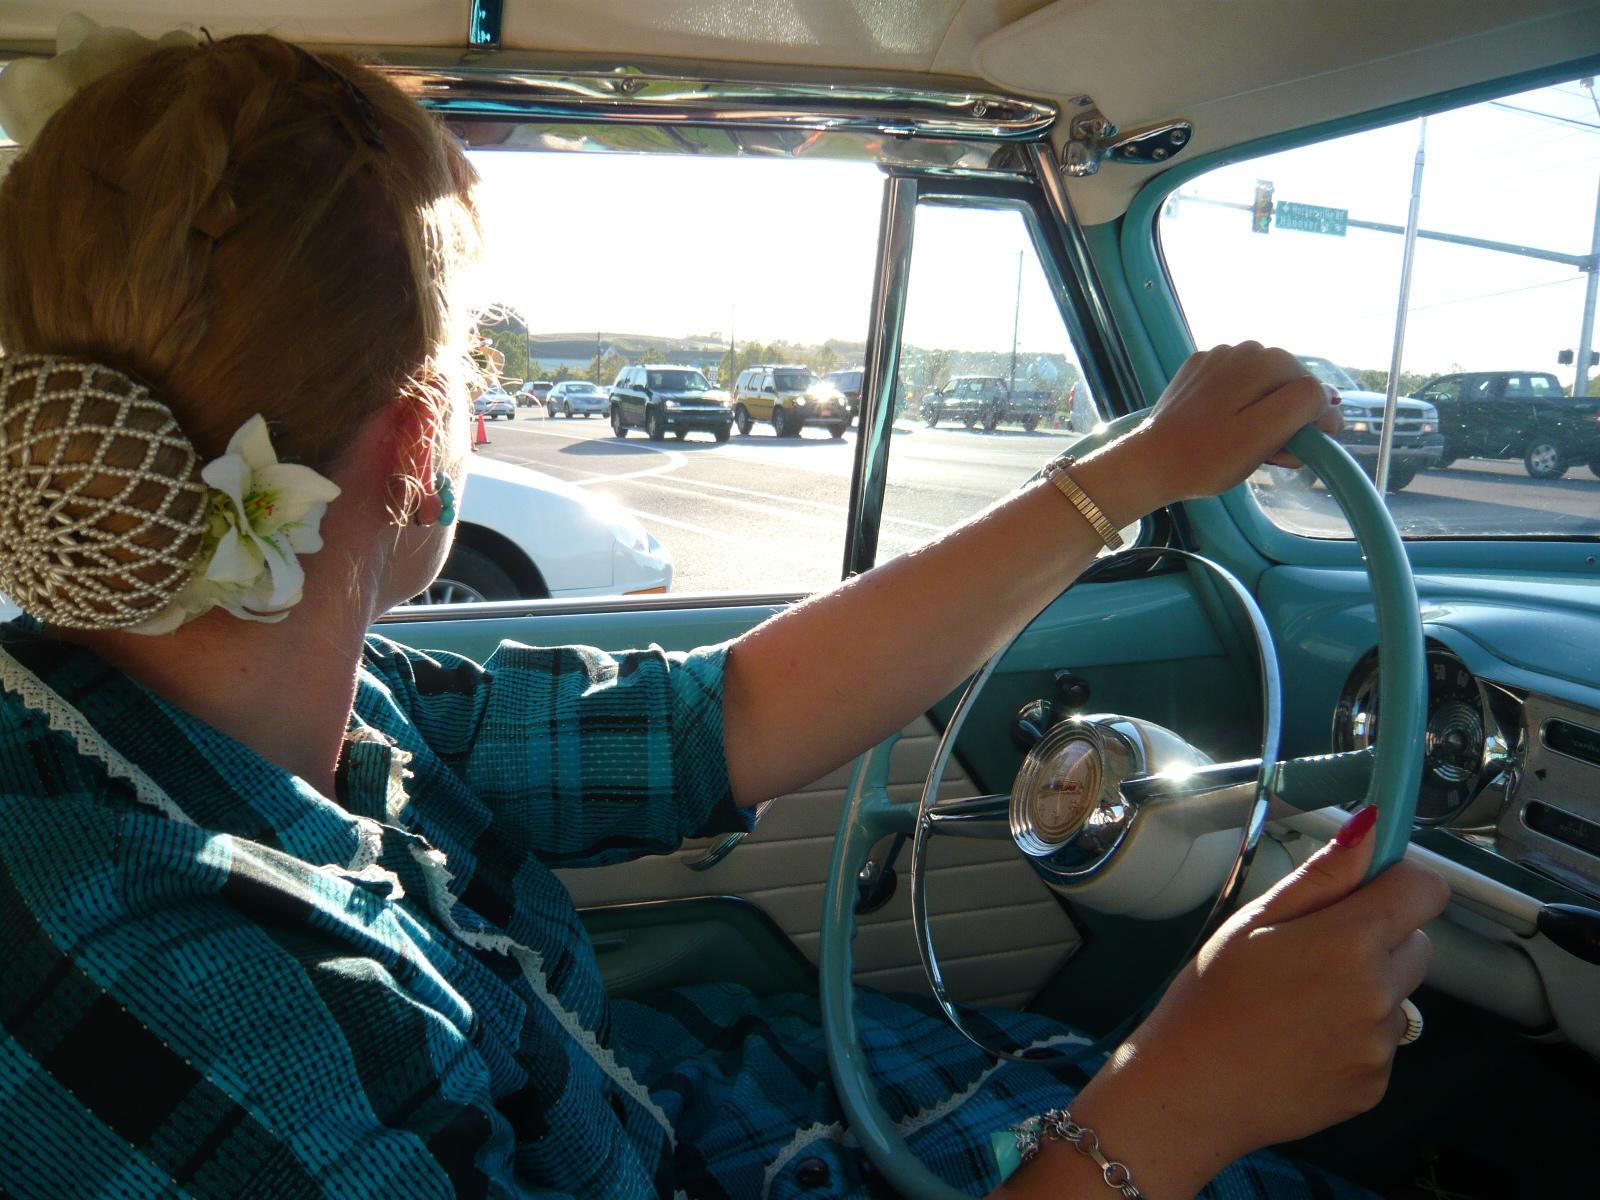 a '59 cadillac coupe de